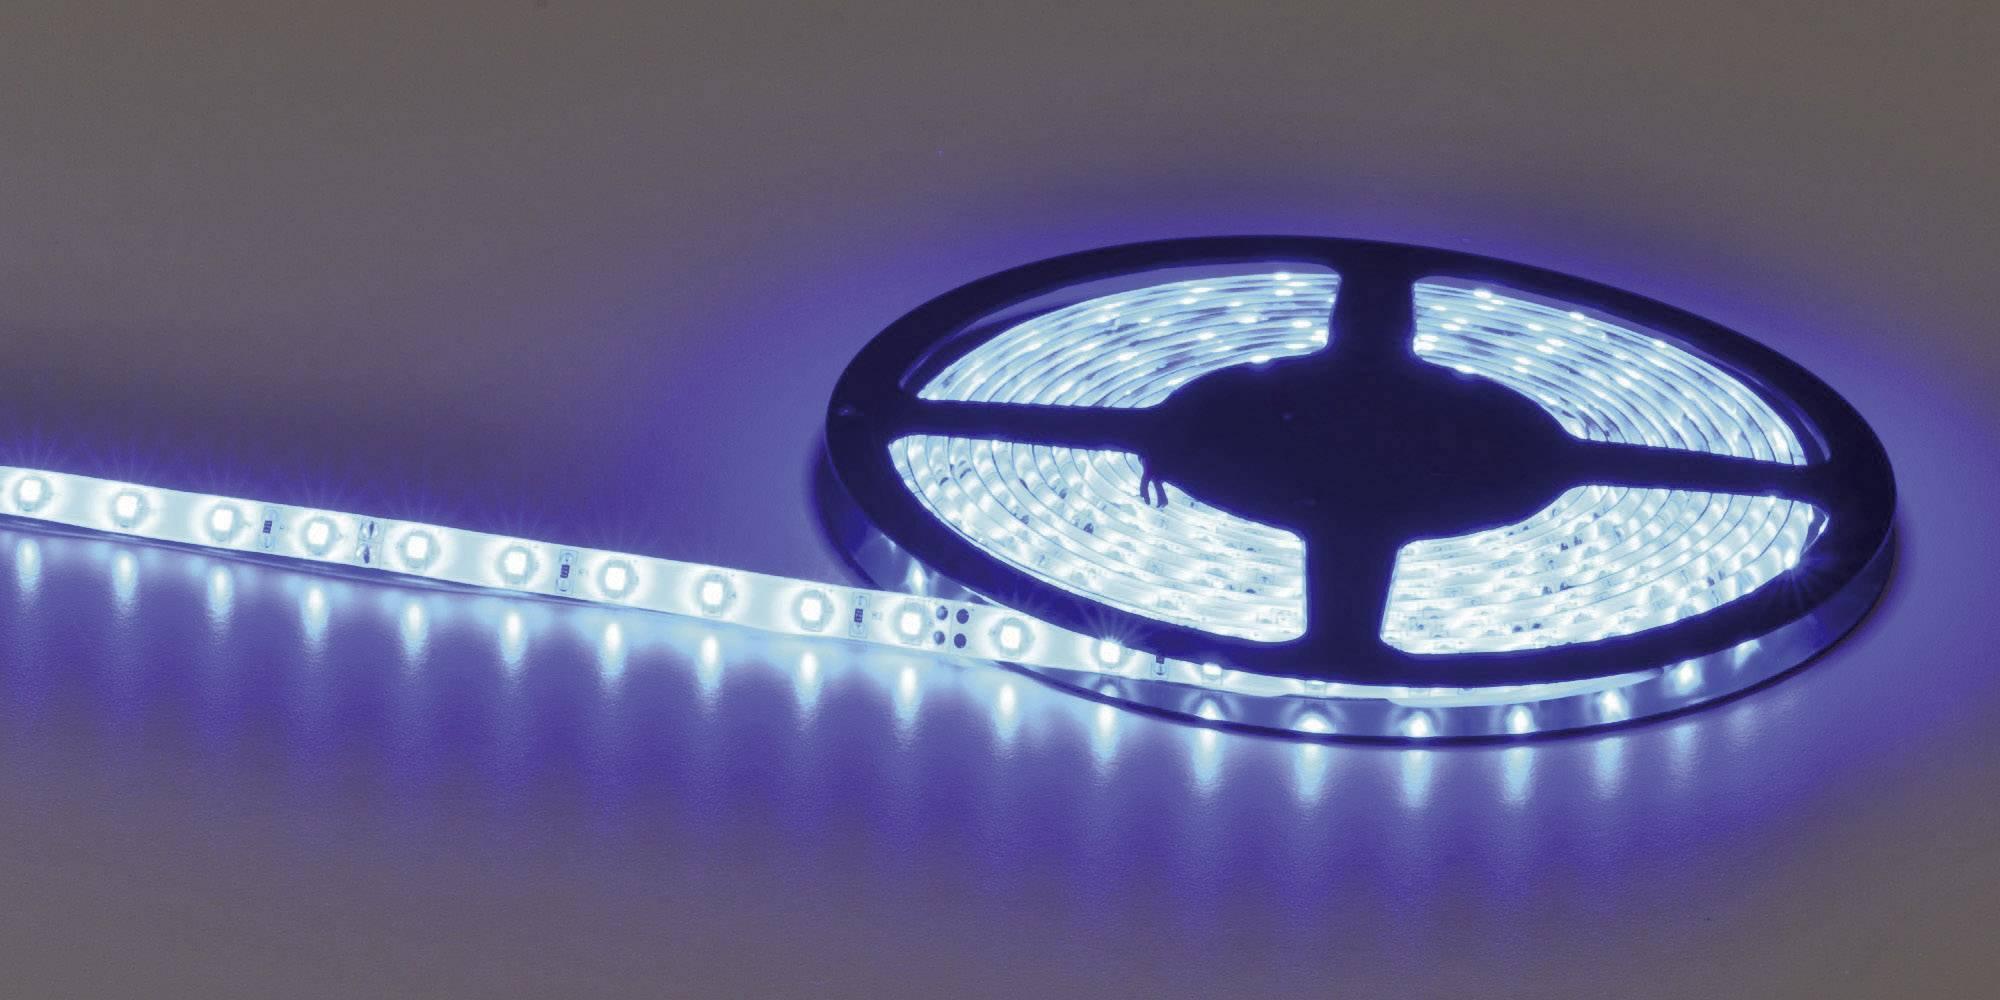 LED pás ohebný samolepicí 24VDC 51515431, 51515431, 5020 mm, RGB